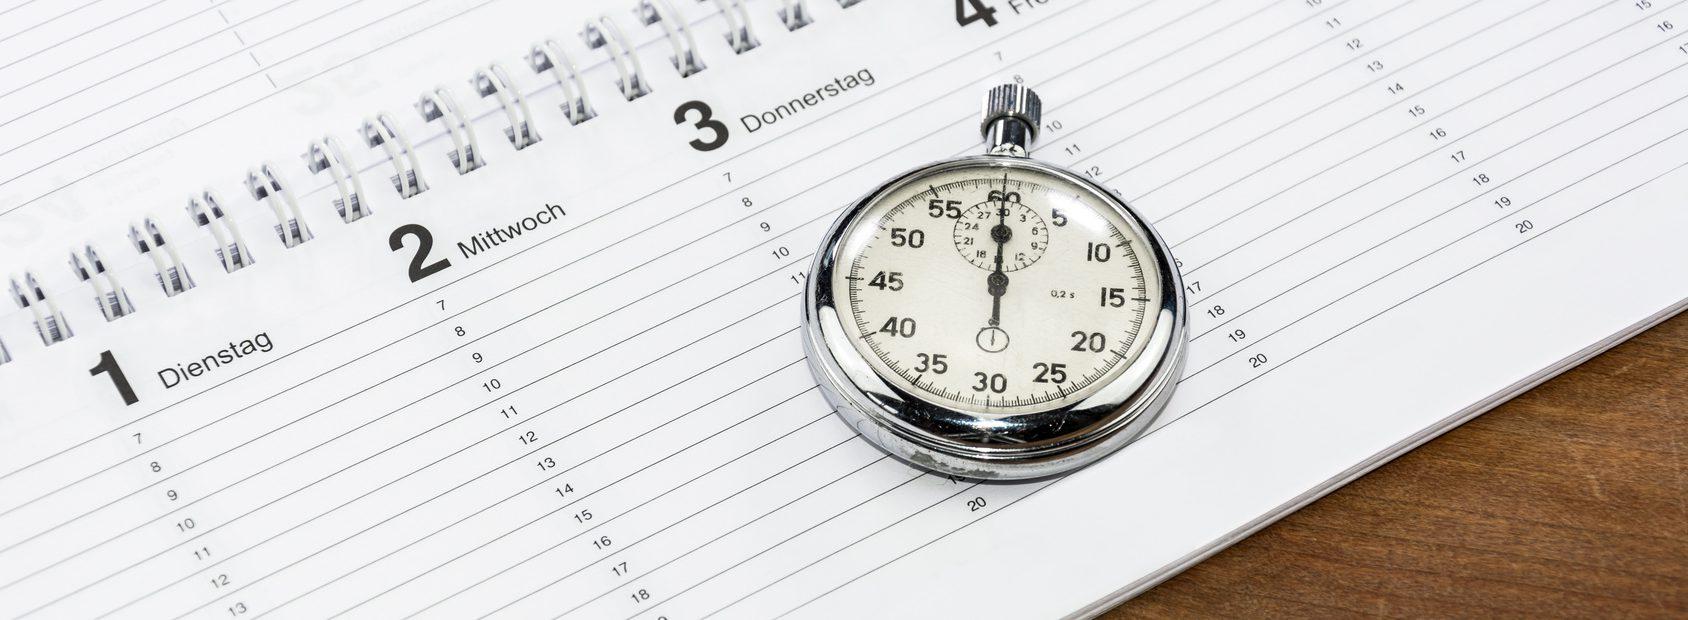 Zeit Kalender